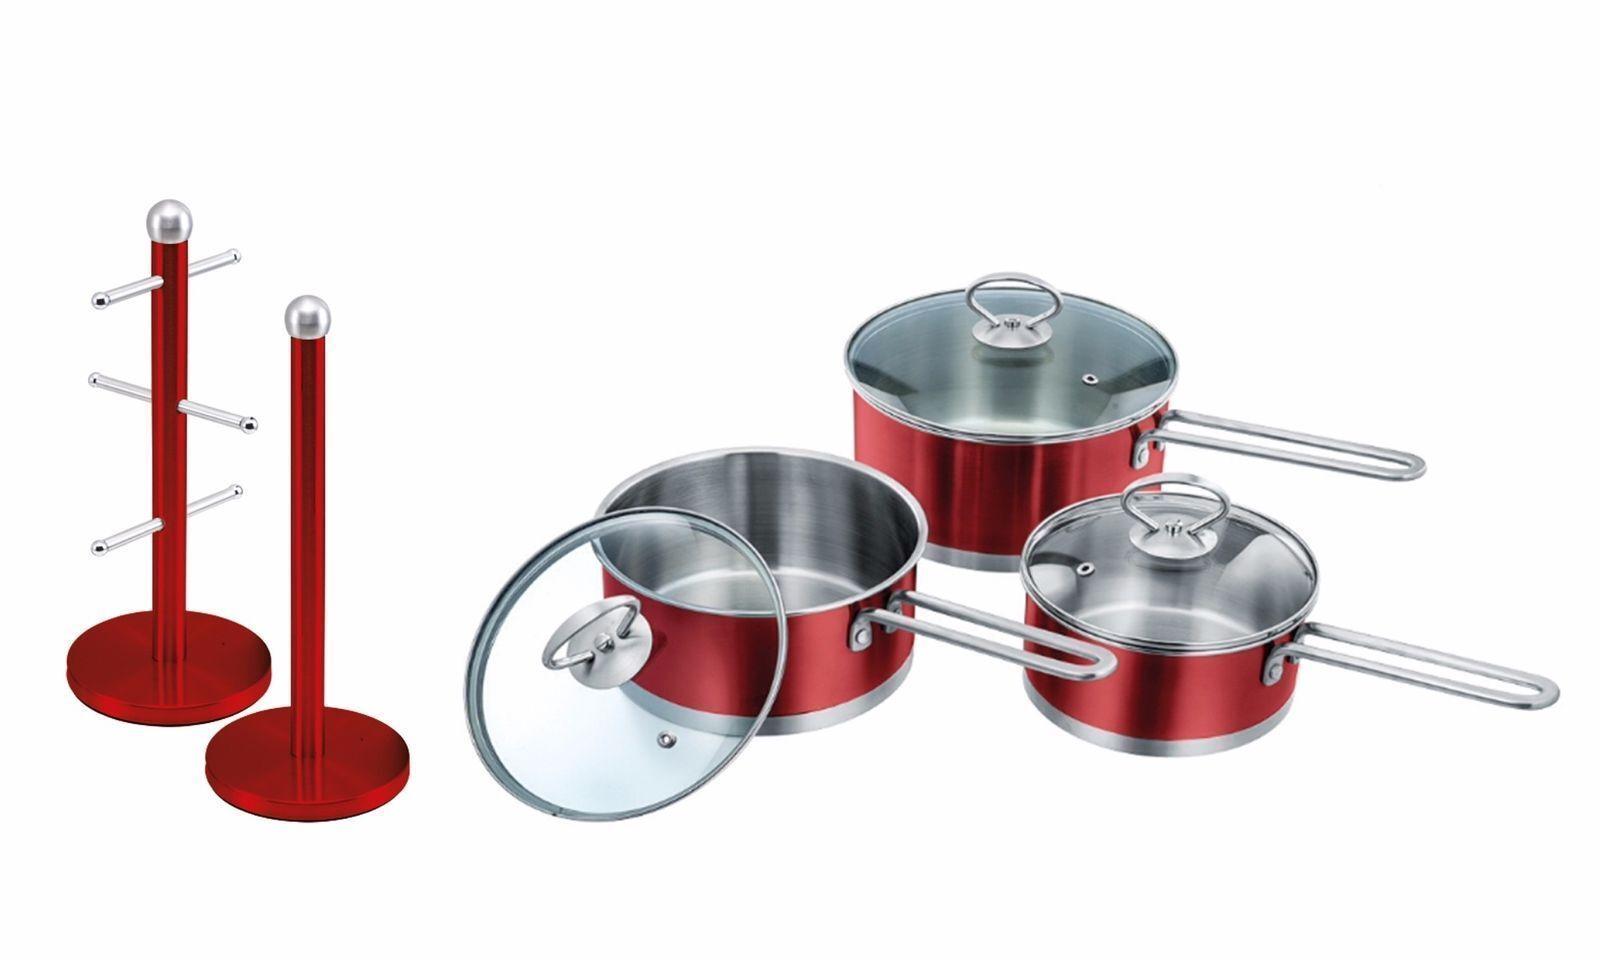 Set di  Antiaderente Casseruola Set, tazza albero porta rotolo da cucina & Stand Set, Rosso